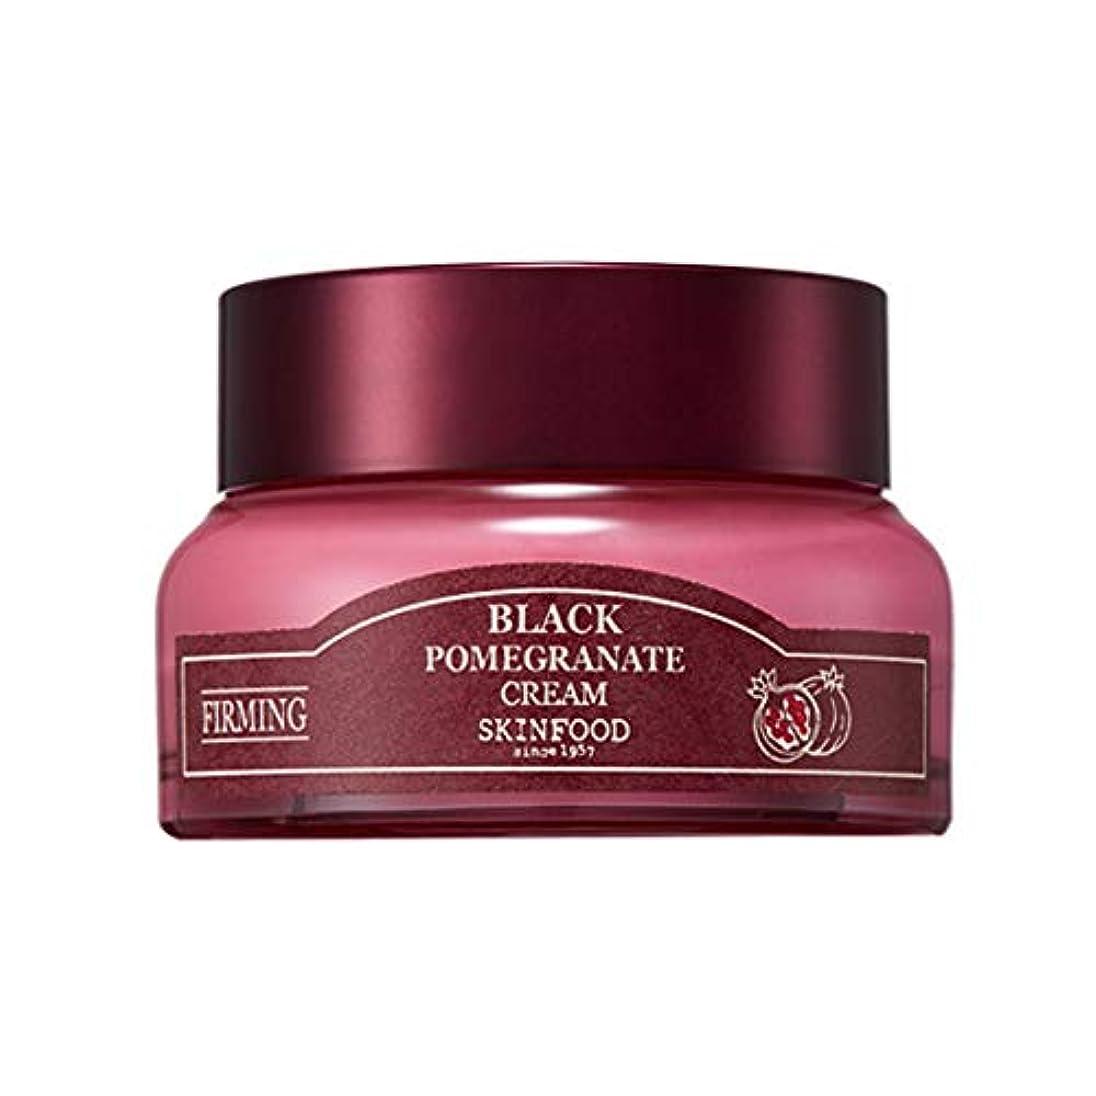 洗剤環境コテージ[リニューアル] スキンフード 黒ザクロ クリーム 54ml / SKINFOOD Black Pomegranate Cream 54ml [並行輸入品]